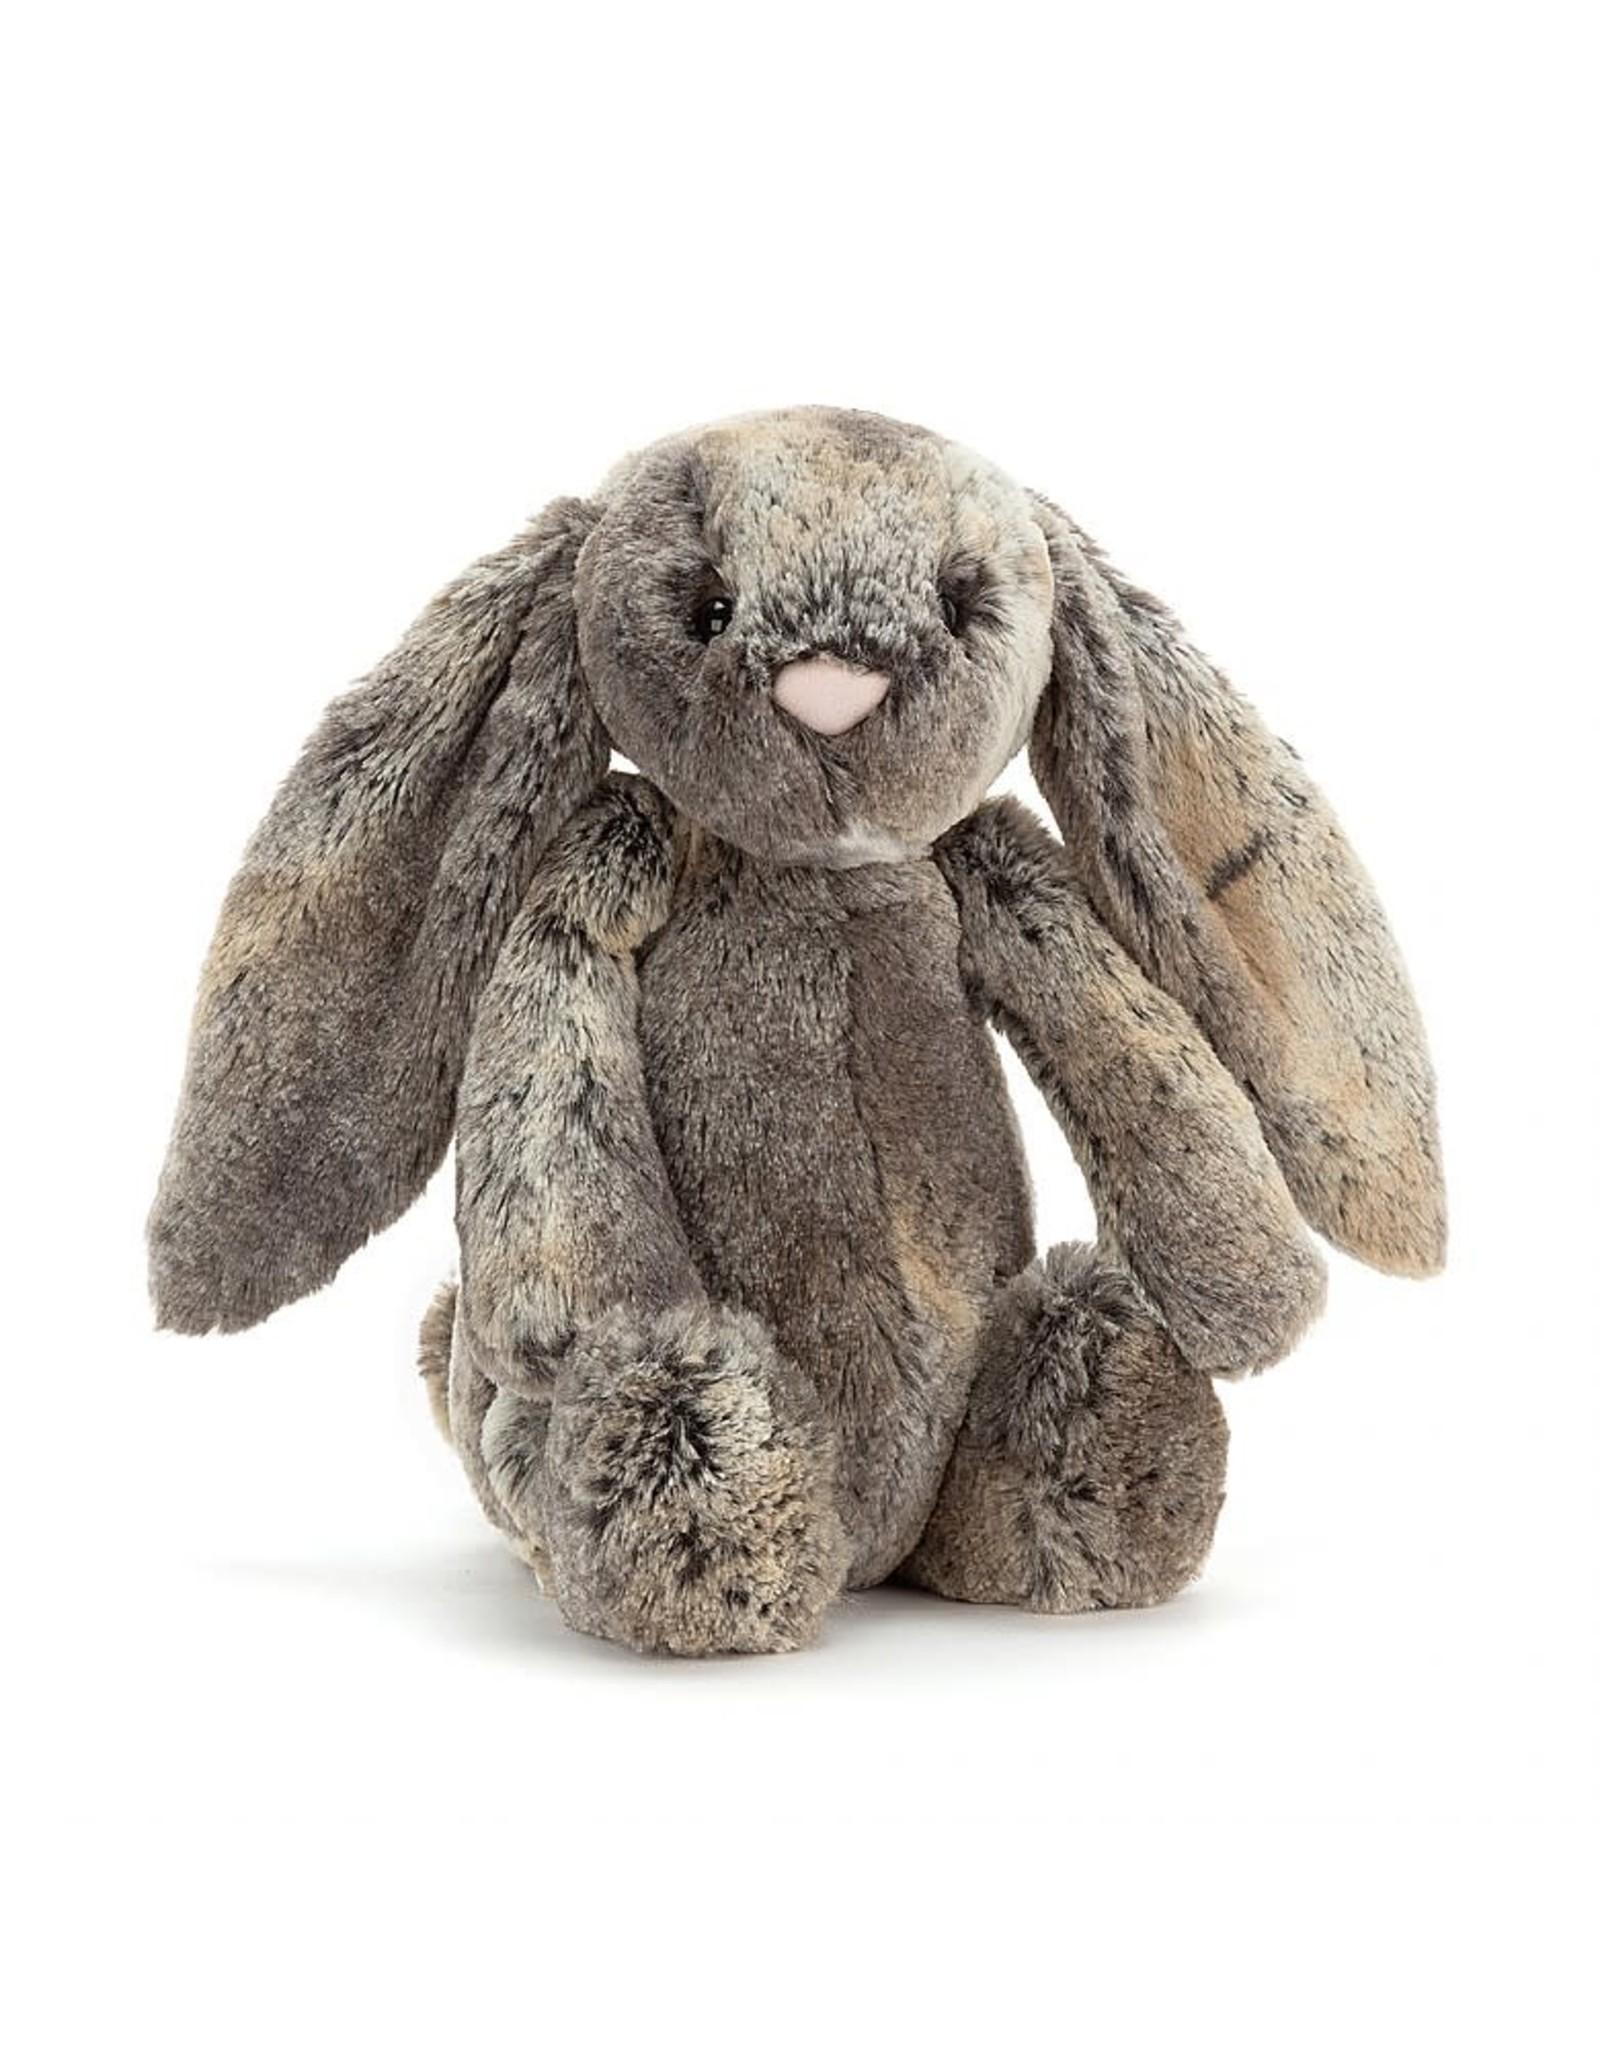 Jellycat Bashful Woodland Bunny Large